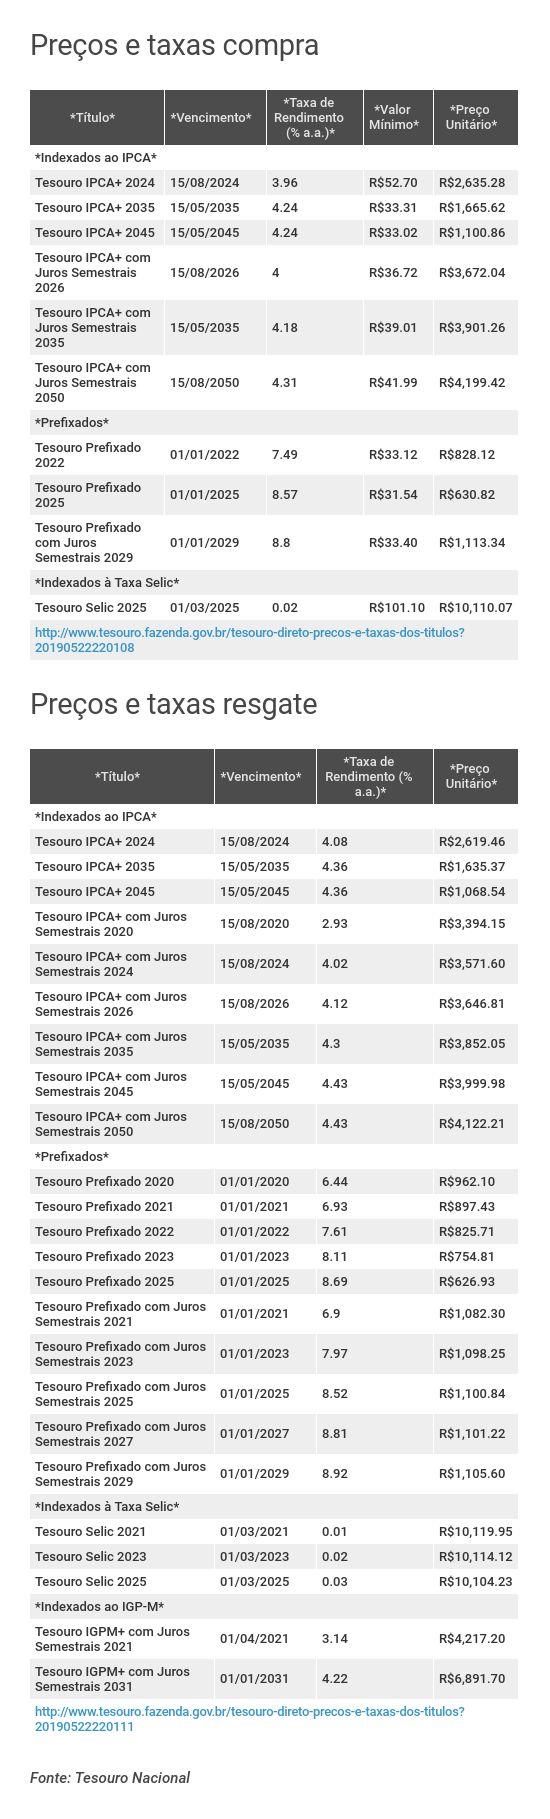 Preços e taxas do Tesouro Direto em 22 de maio de 2019 - fechamento